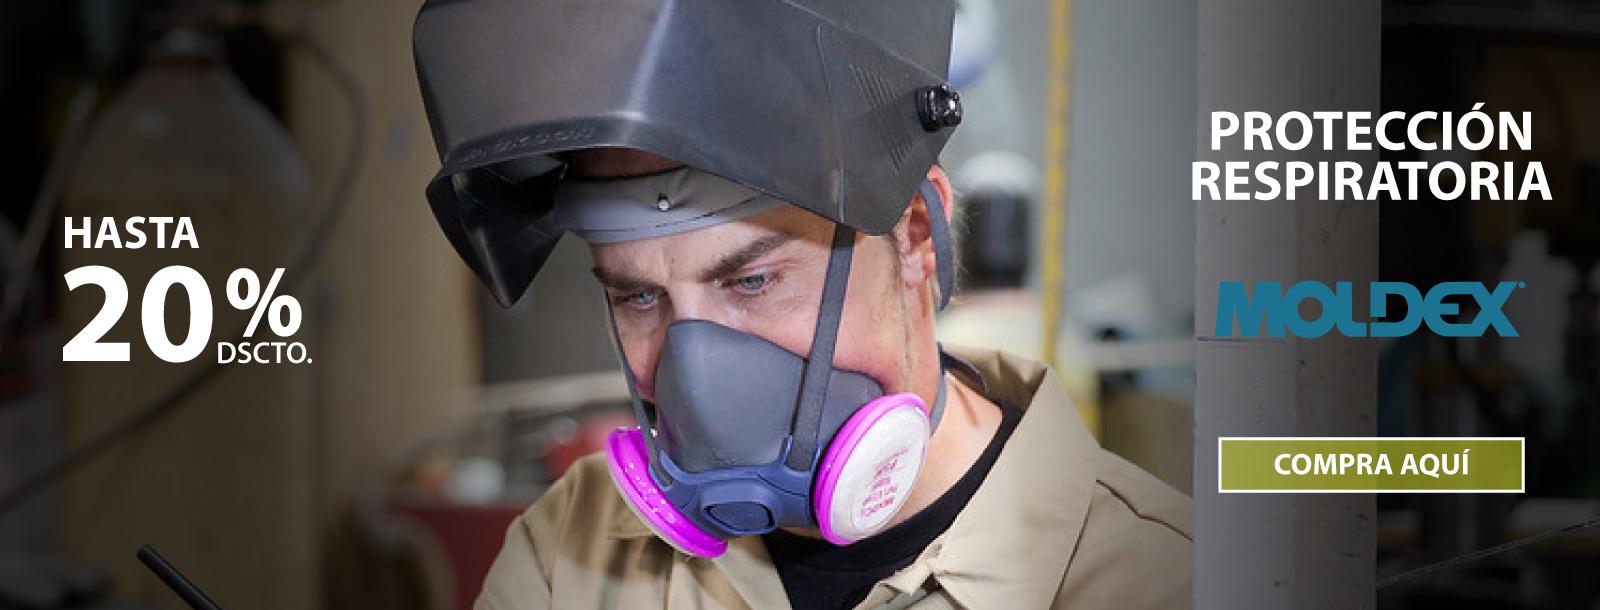 Proteccion_respiratoria